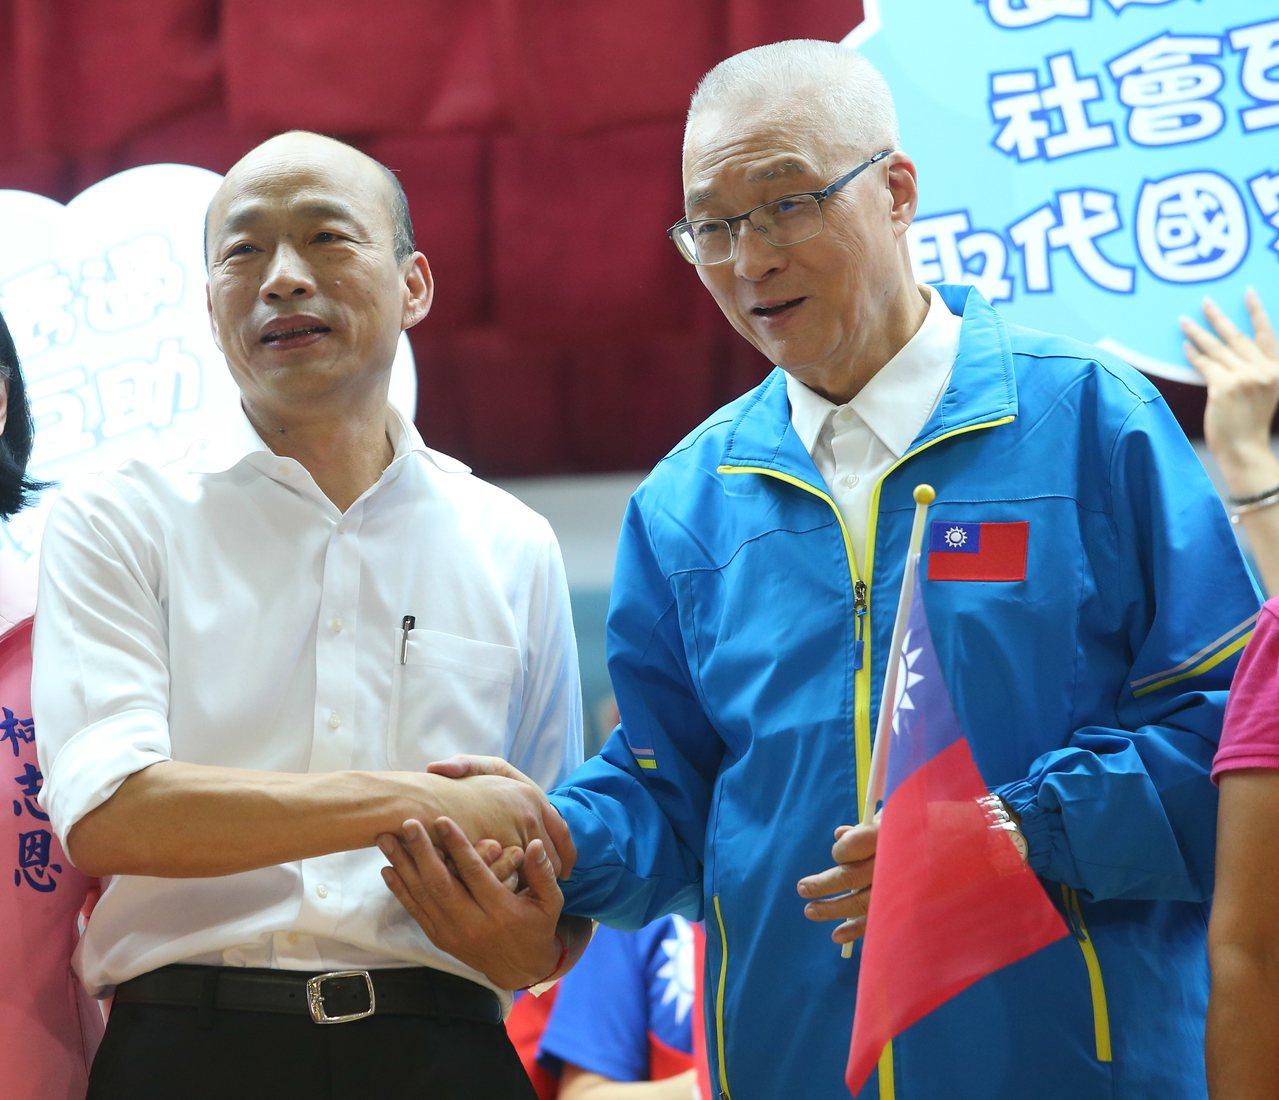 國民黨總統參選人韓國瑜(左)與國民黨黨主席吳敦義(右)昨天一同出席婦女後援會成立...